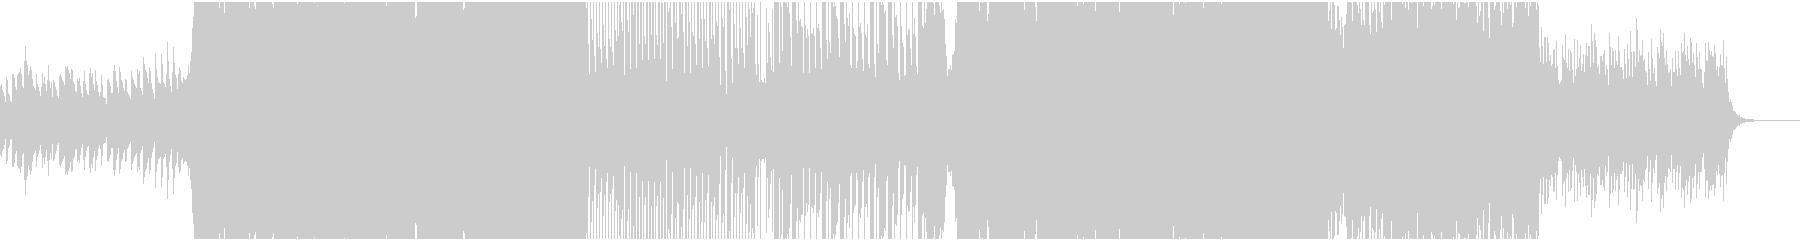 和風のポップなハウス曲(メインメロなし)の未再生の波形